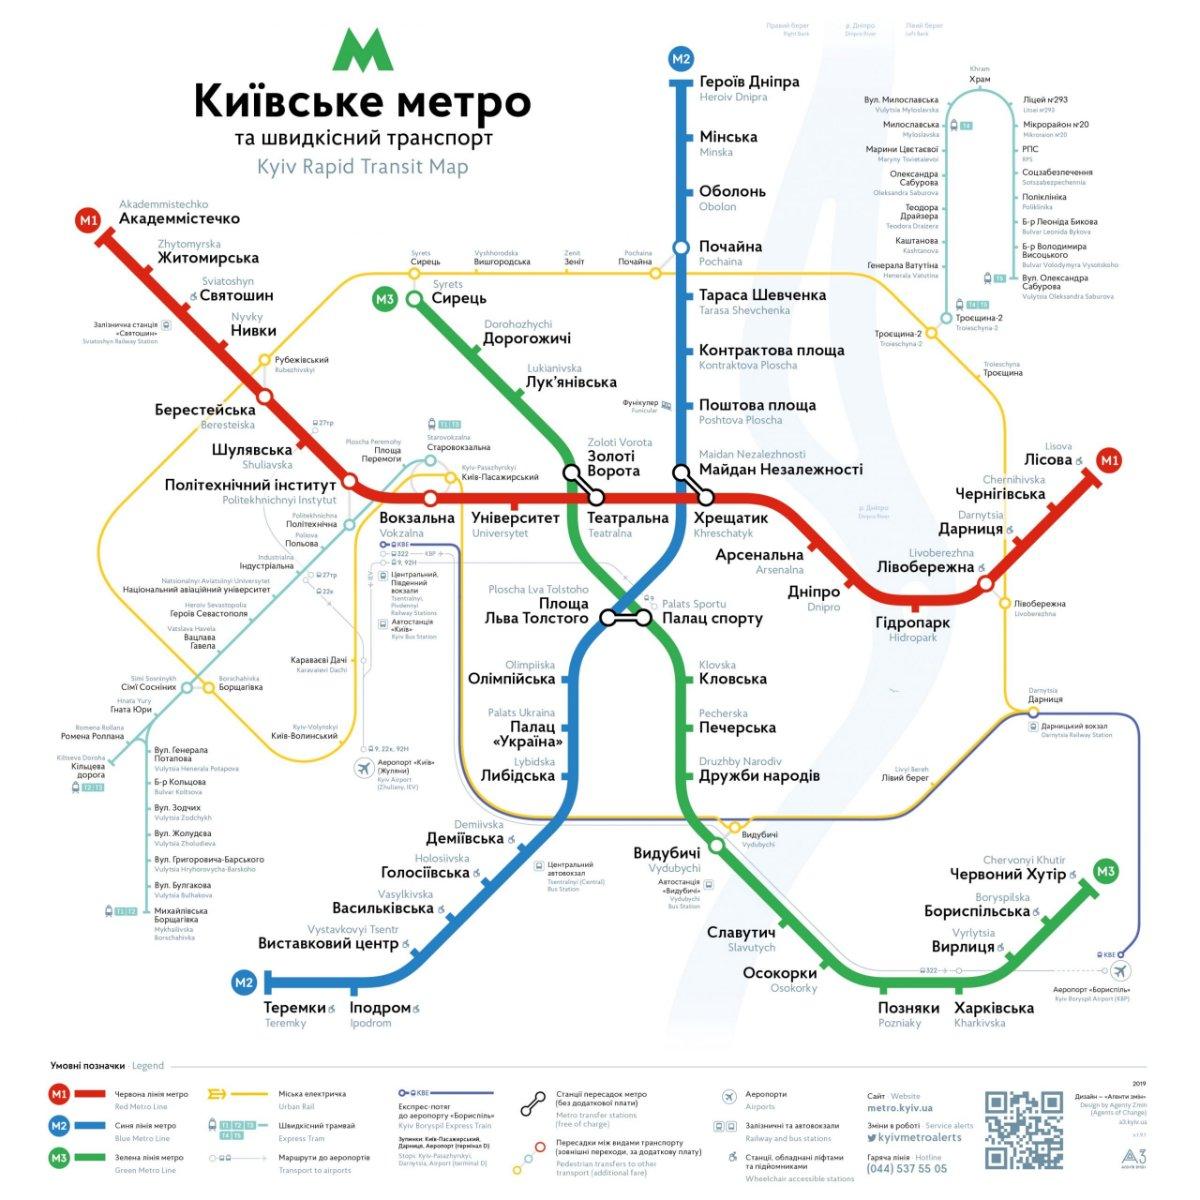 IDMedia Наружная реклама в городе Киев (Киевская область), Метро Digital в городе Киев №238965 схема